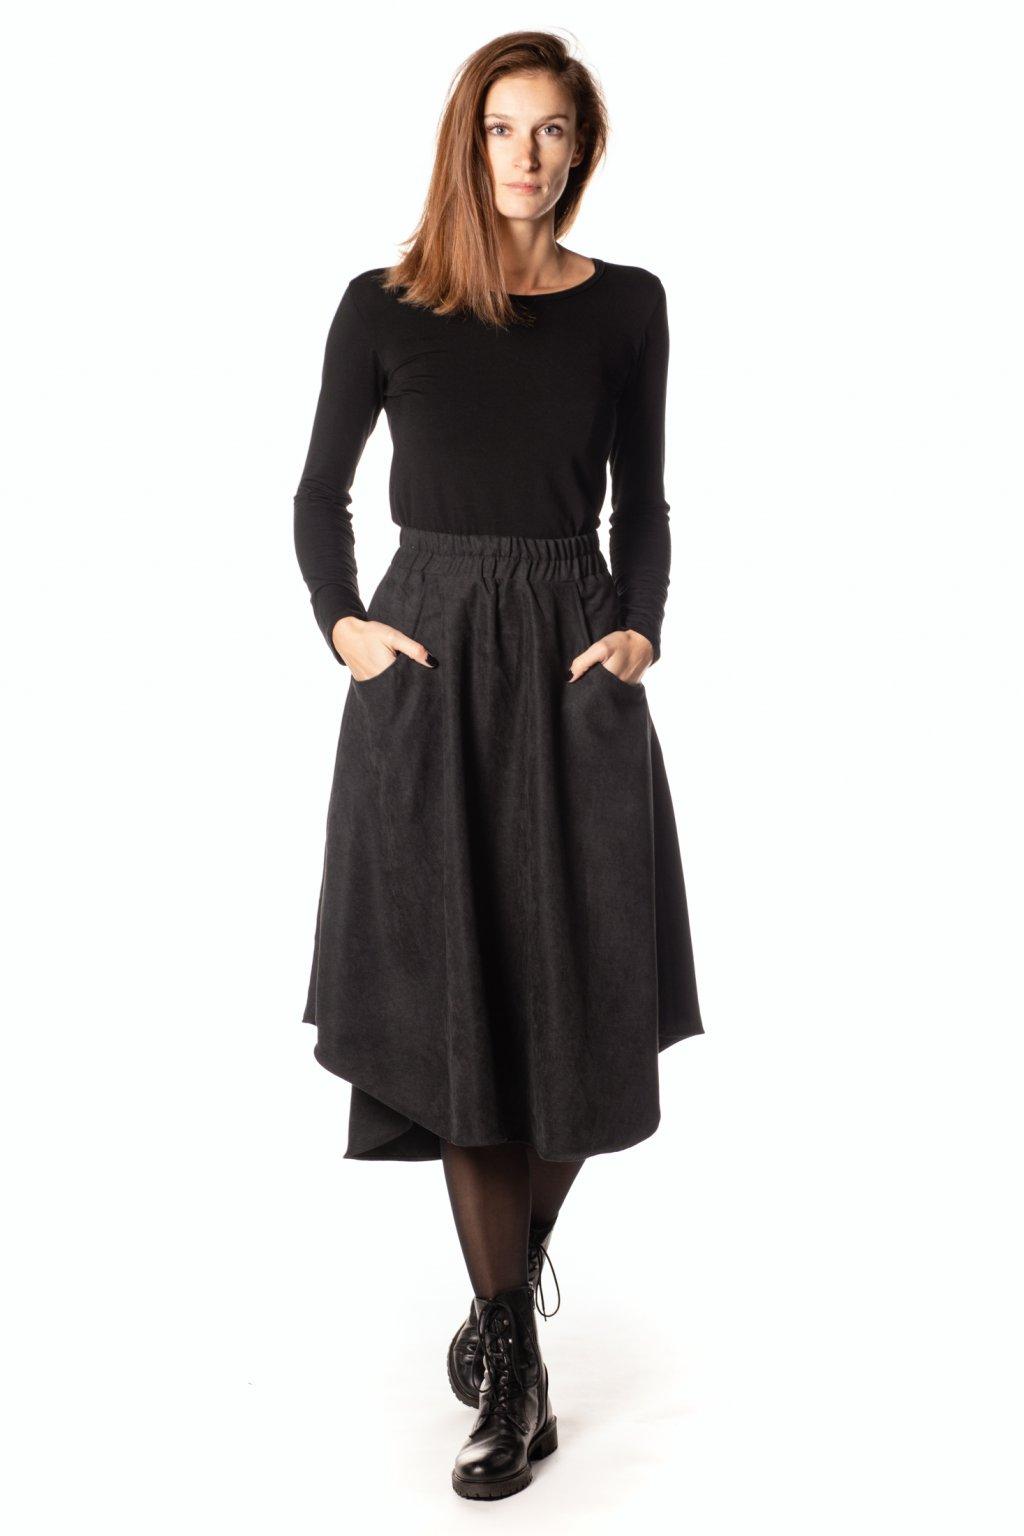 ČERNÁ asymetrická sukně (manšestr jemný)